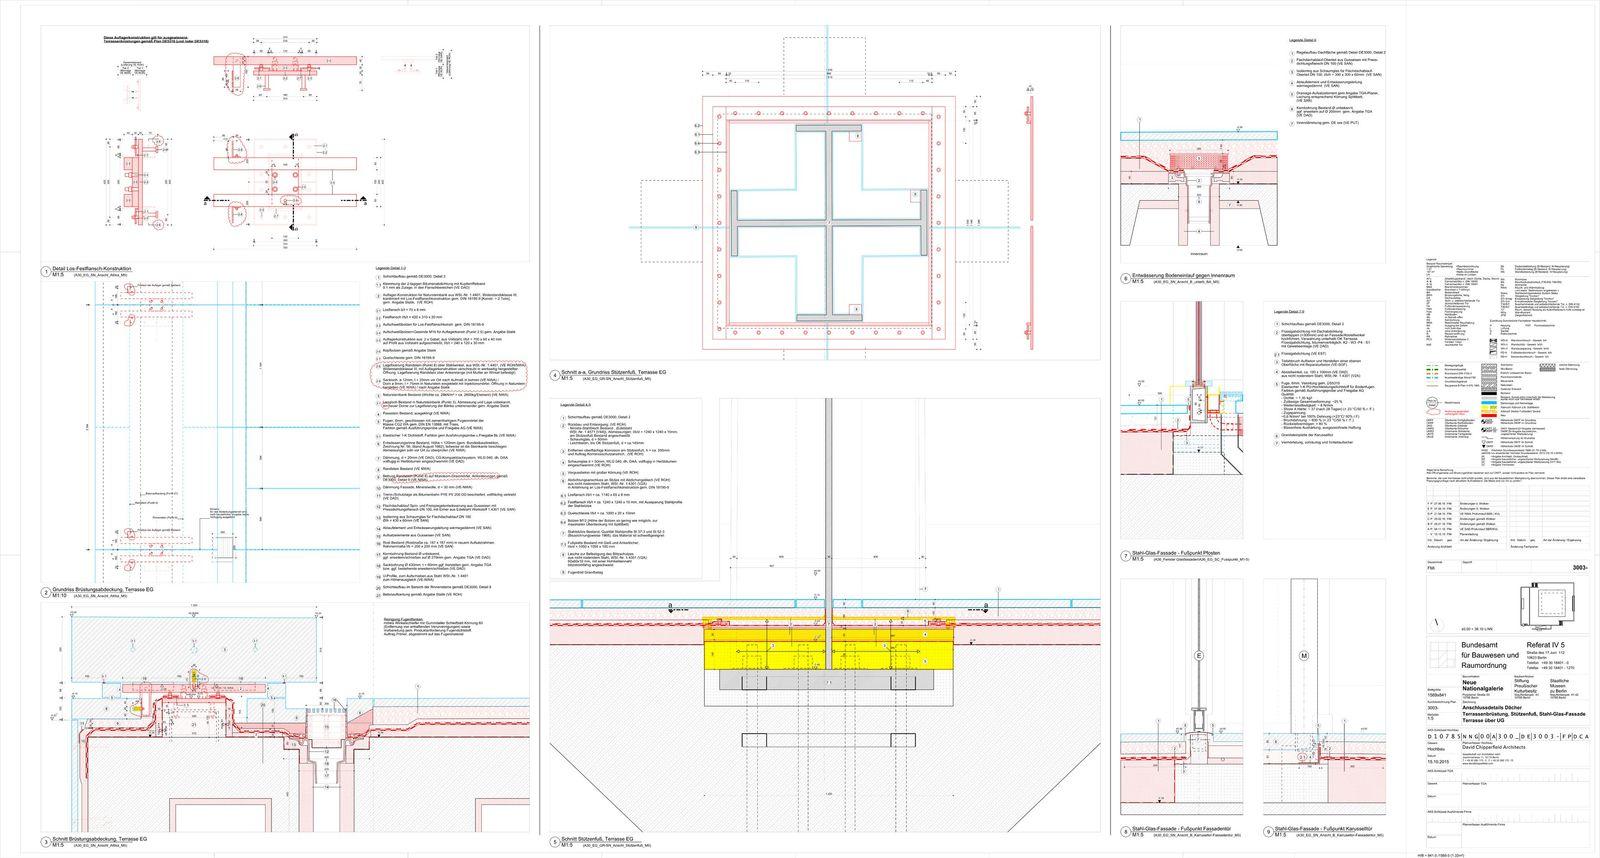 Anschlussdetails Dächer, Terrassenbrüstung, Stützenfuß, Stahl-Glas-Fassade, Terrasse über UG. © David Chipperfield Architects für Bundesamt für Bauwesen und Raumordnung (BBR)